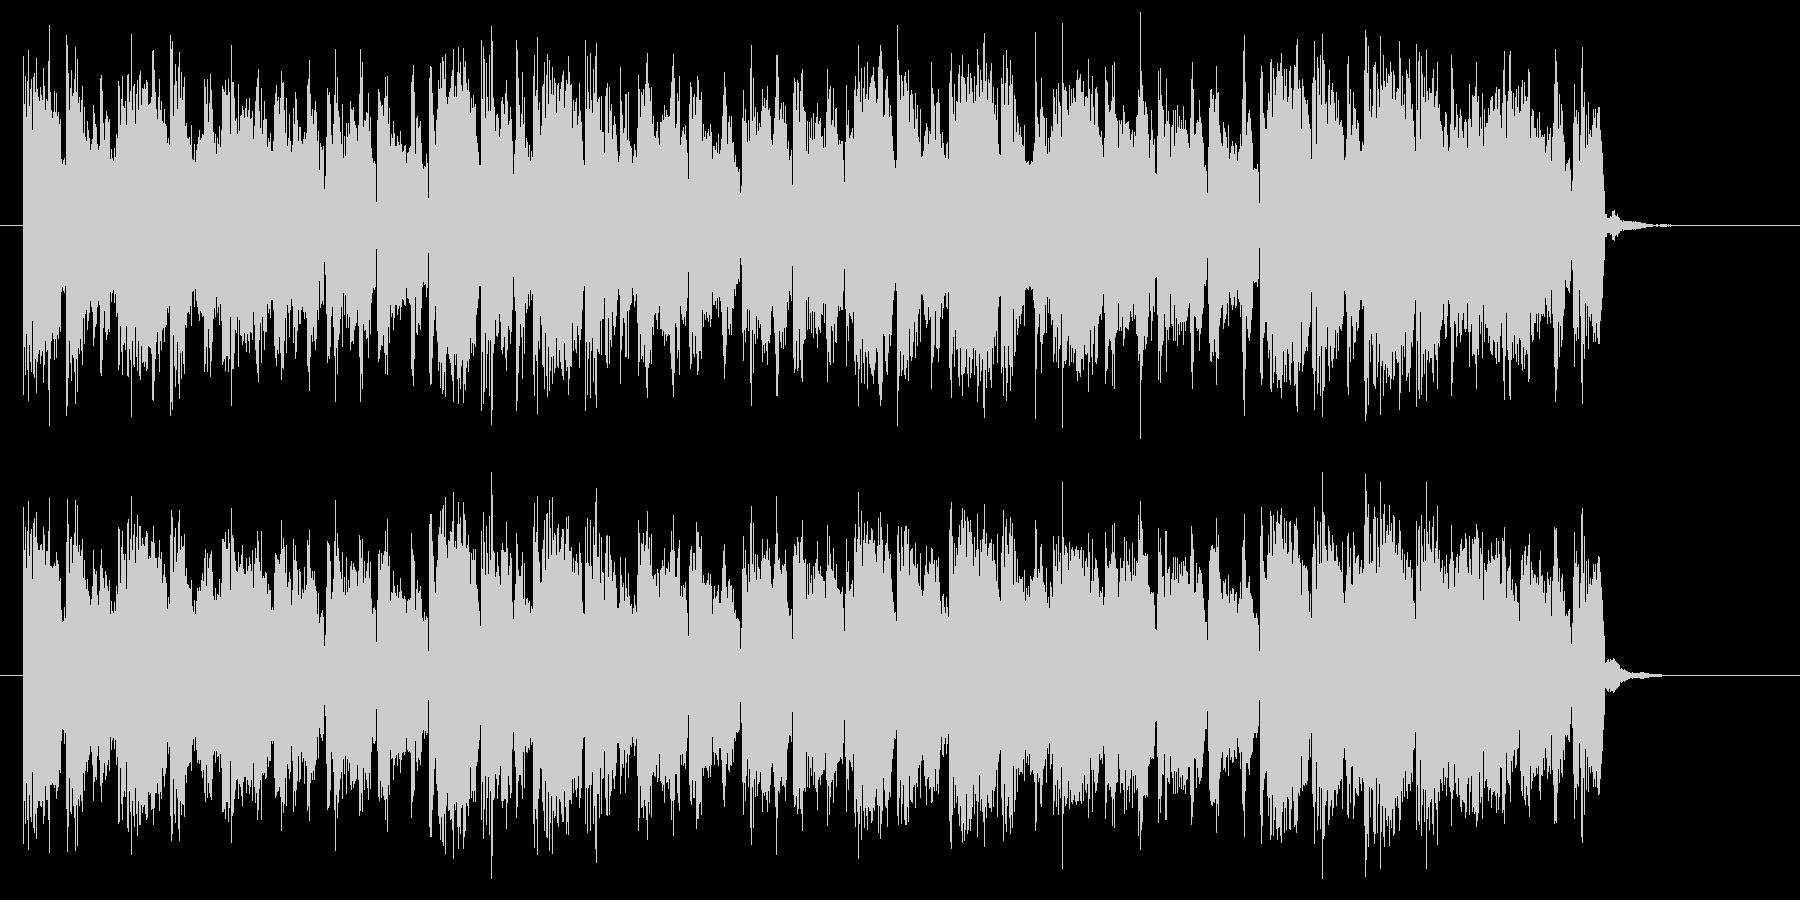 おとぎの国で聞くにぎやかな音楽の未再生の波形